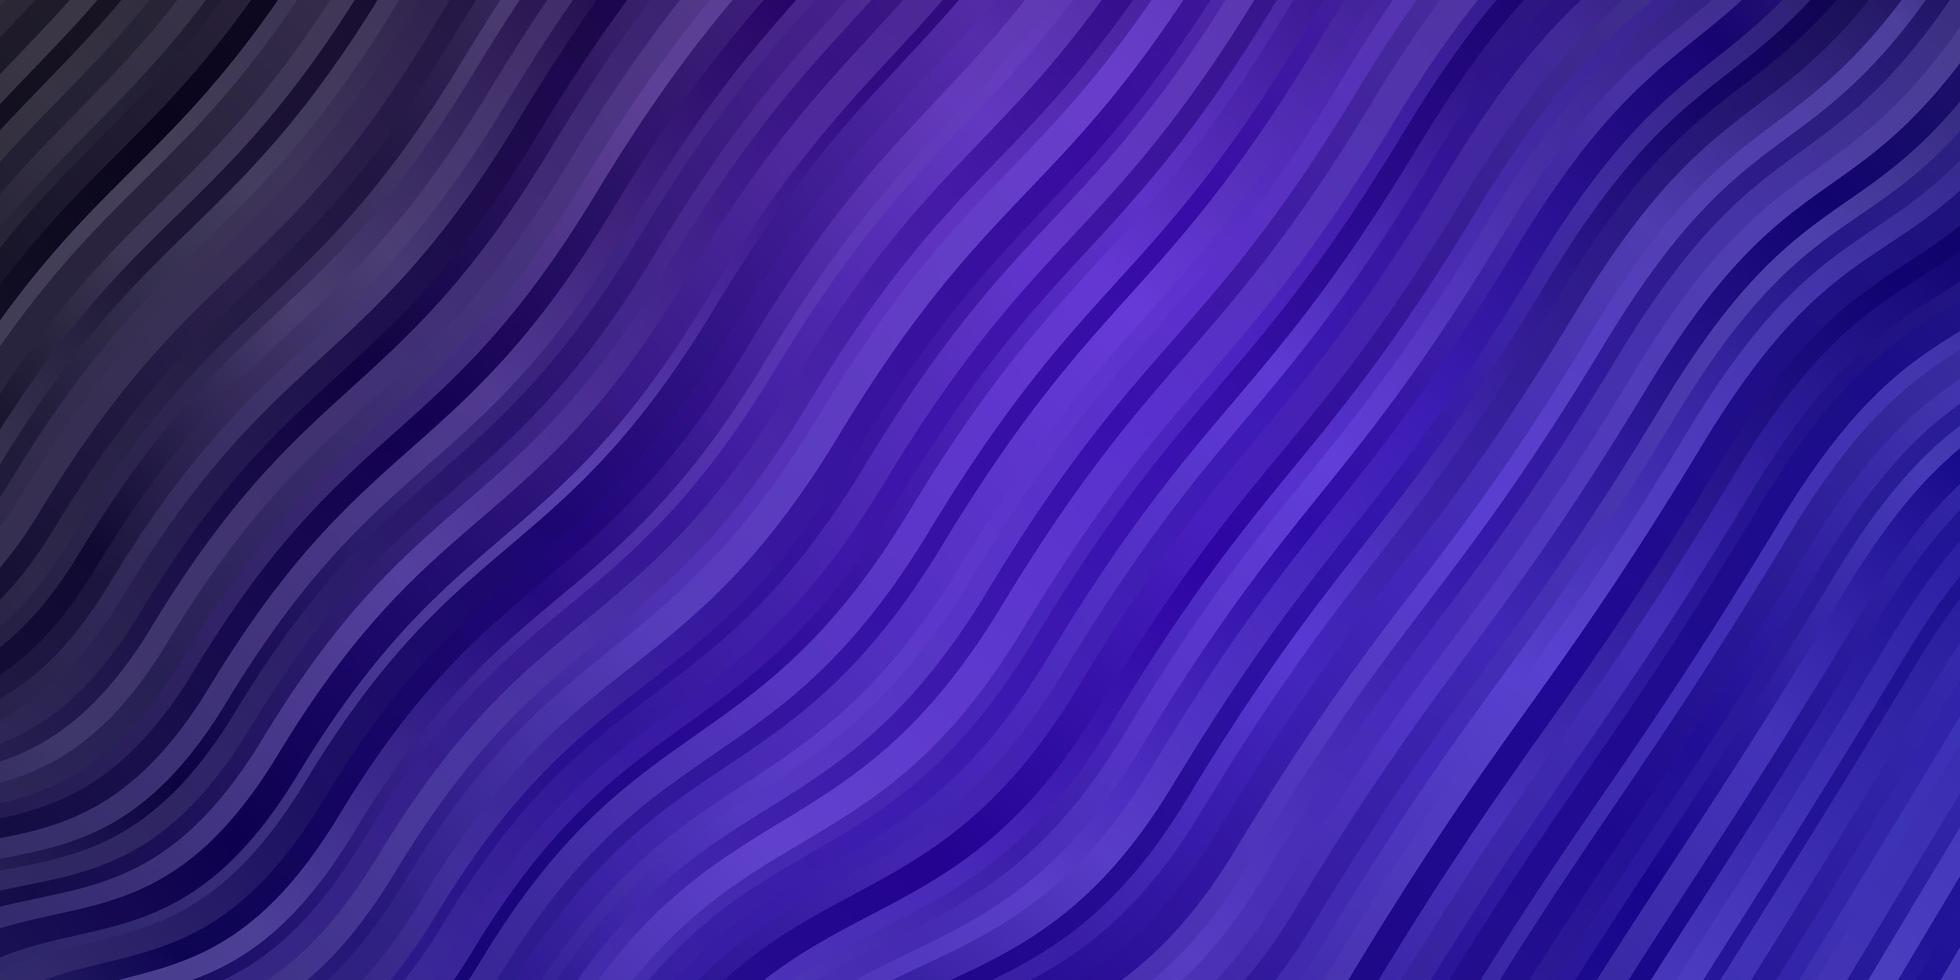 Telón de fondo de vector púrpura oscuro con líneas dobladas.